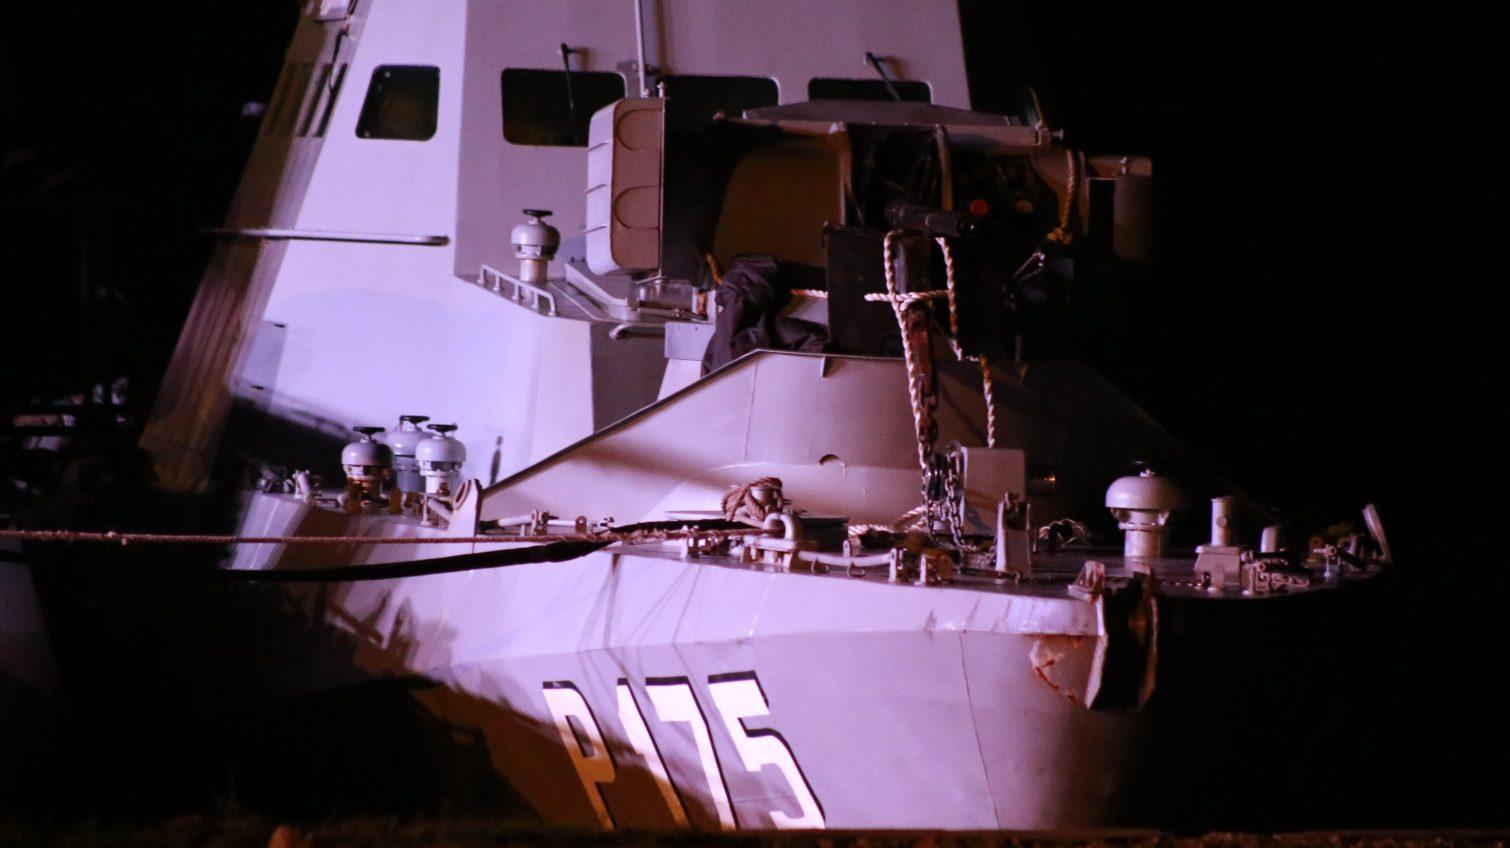 Третье украинское судно — катер «Бердянск», захваченный год назад в Керченском проливе, также пришвартовался в Очакове (фото) «фото»